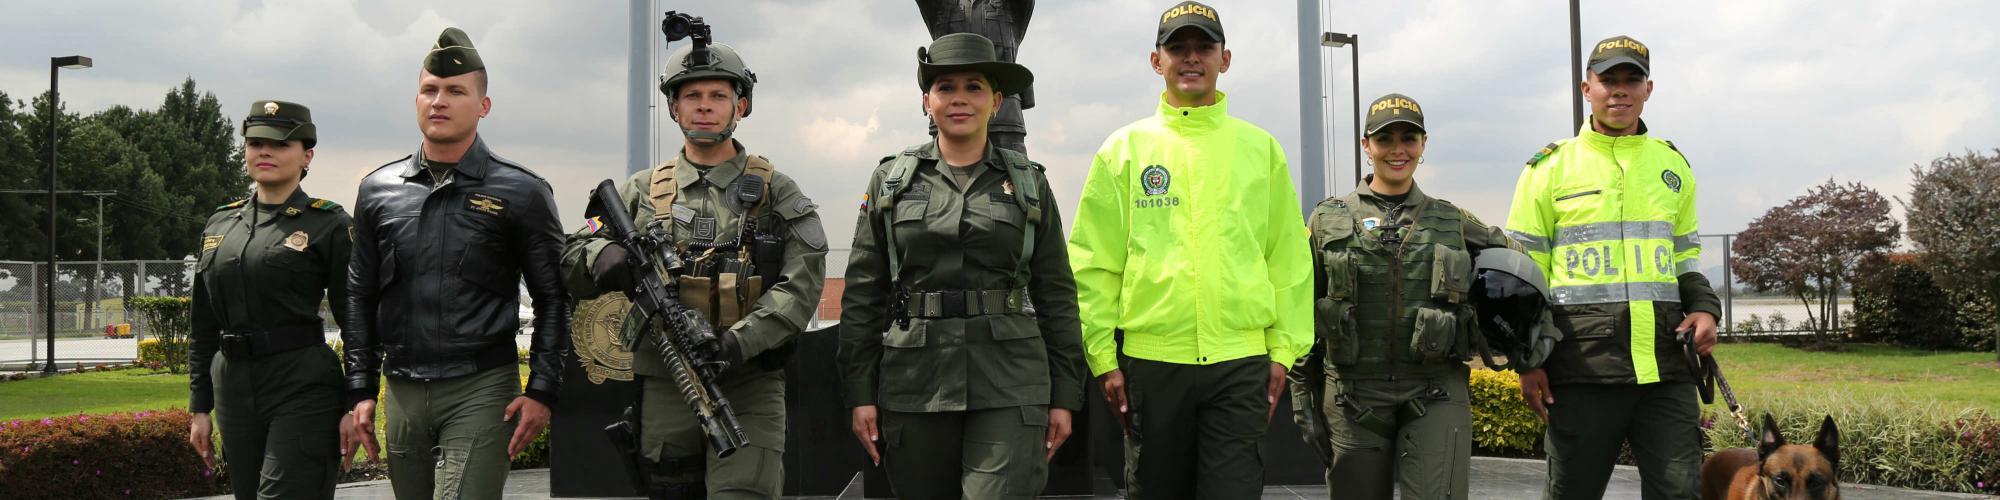 Dirección de Antinarcóticos de la Policía Nacional - DIRAN